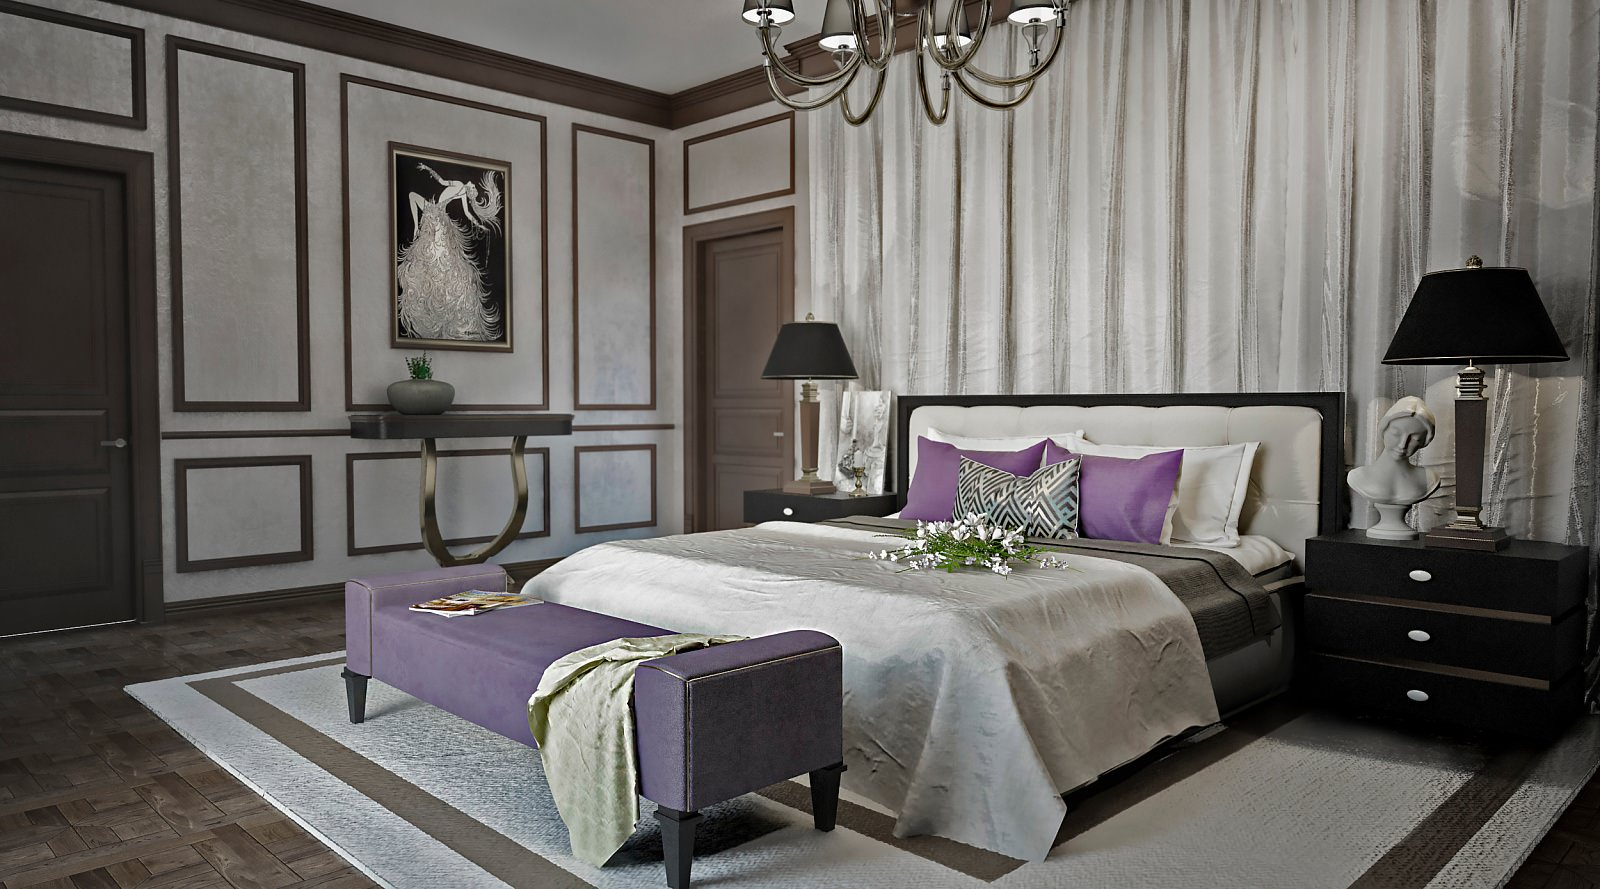 Черно-фиолетовая мебель в стиле арт-деко в спальне